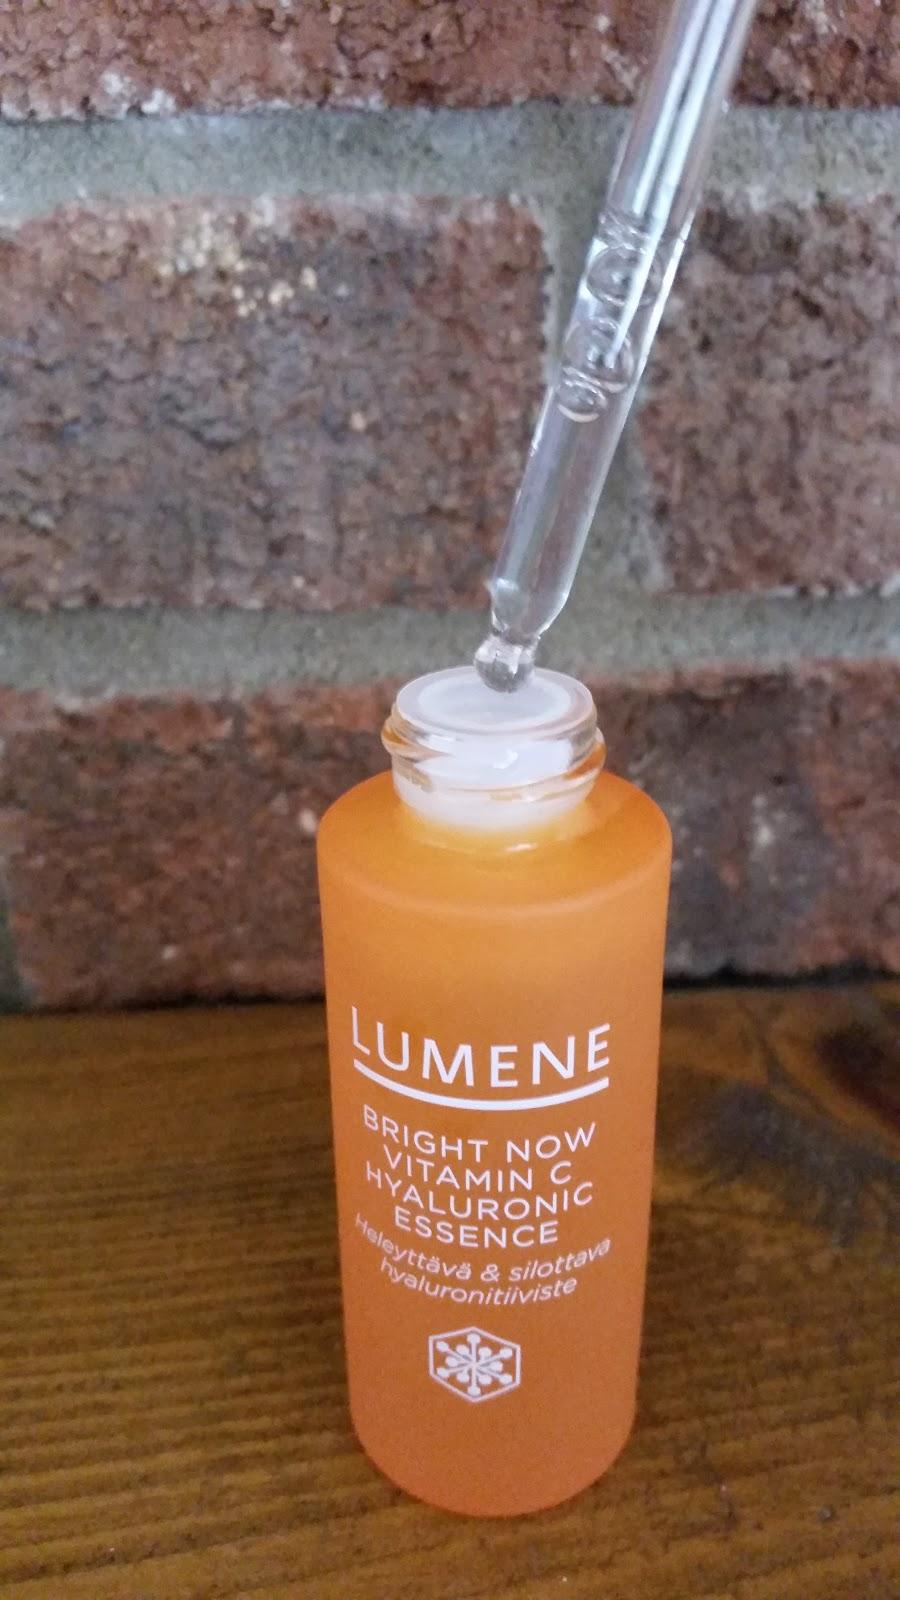 lumene vitamin c serum reviews